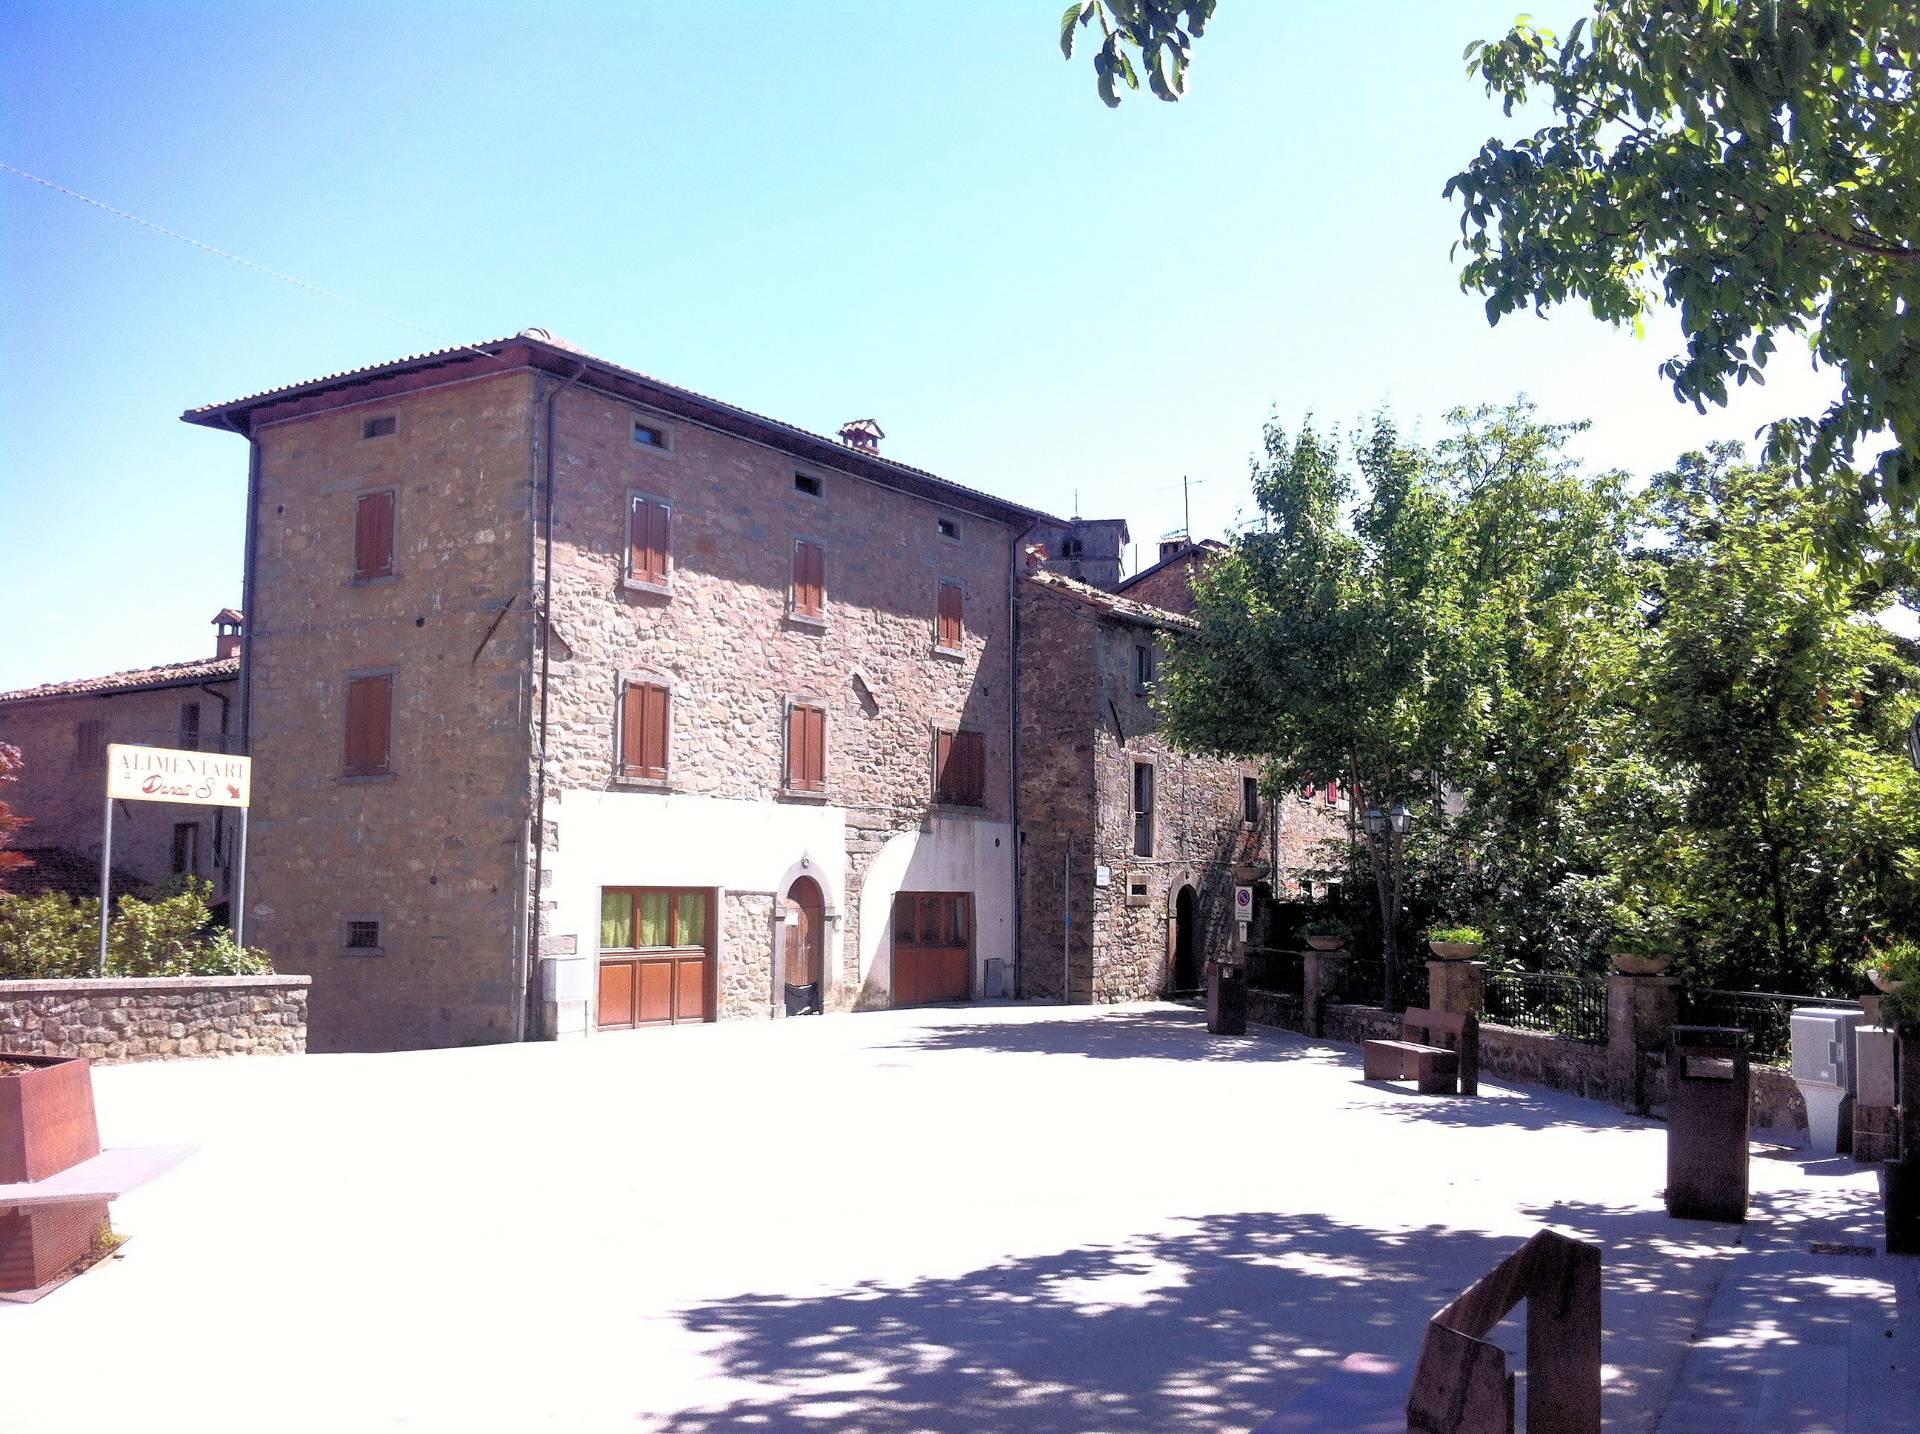 Soluzione Semindipendente in vendita a San Romano in Garfagnana, 10 locali, prezzo € 279.000 | Cambio Casa.it